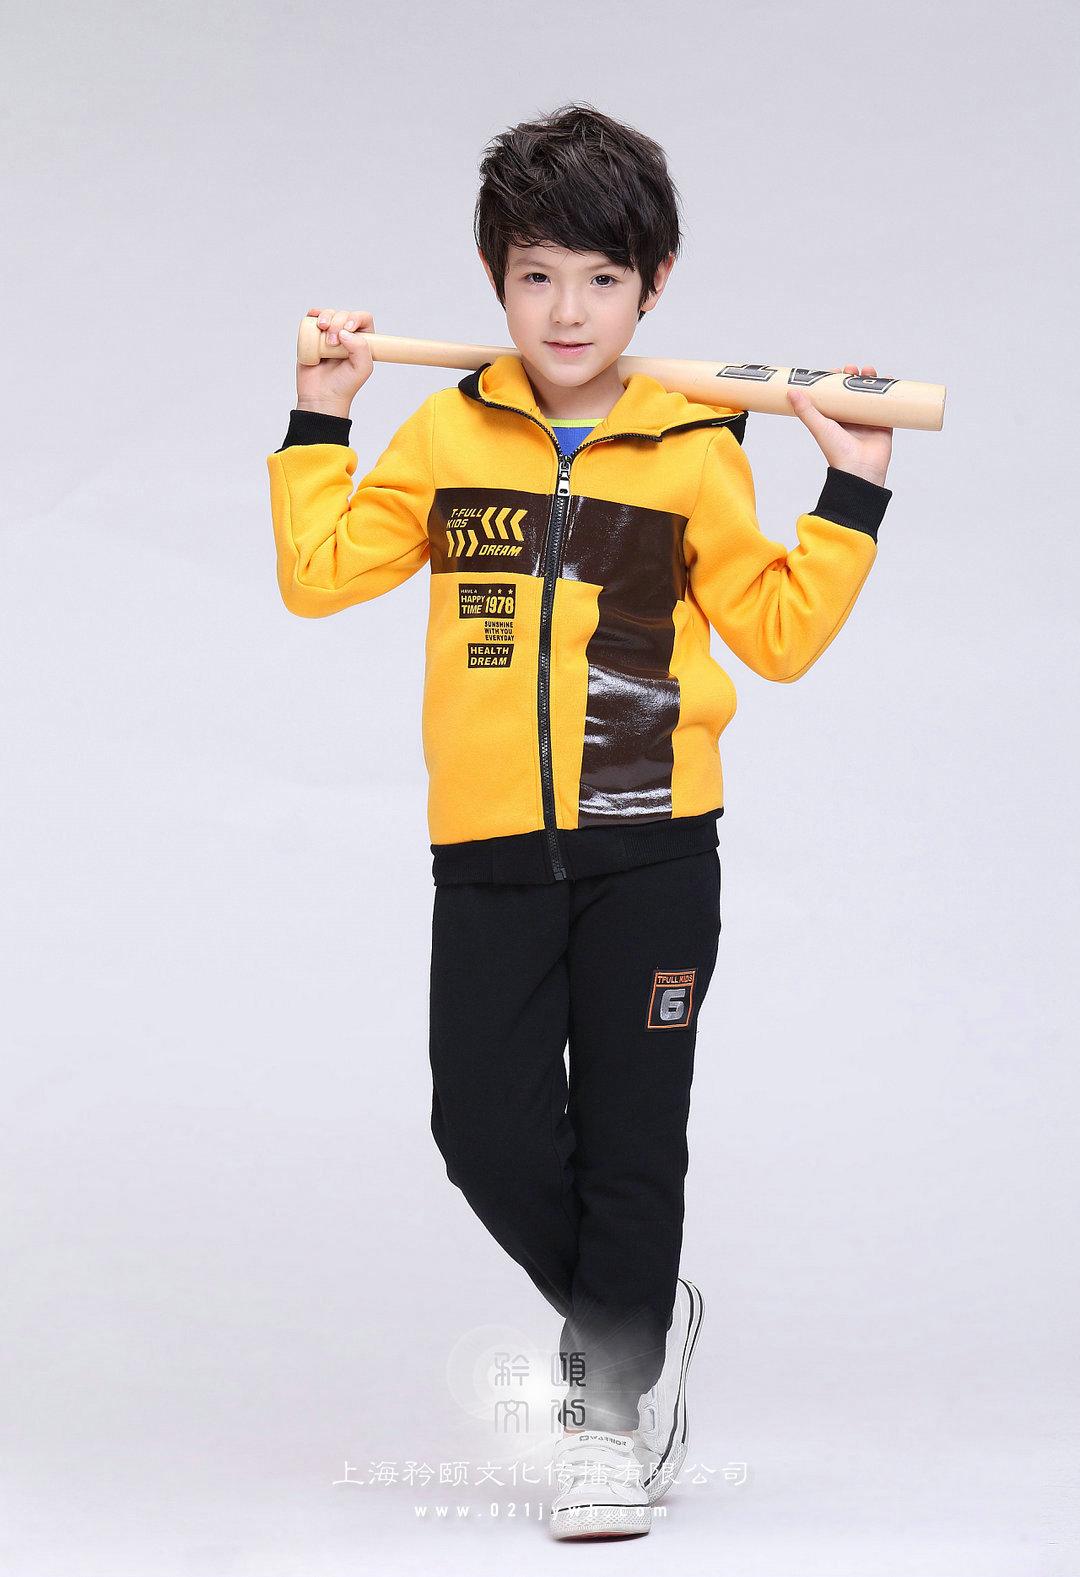 上海走秀童模